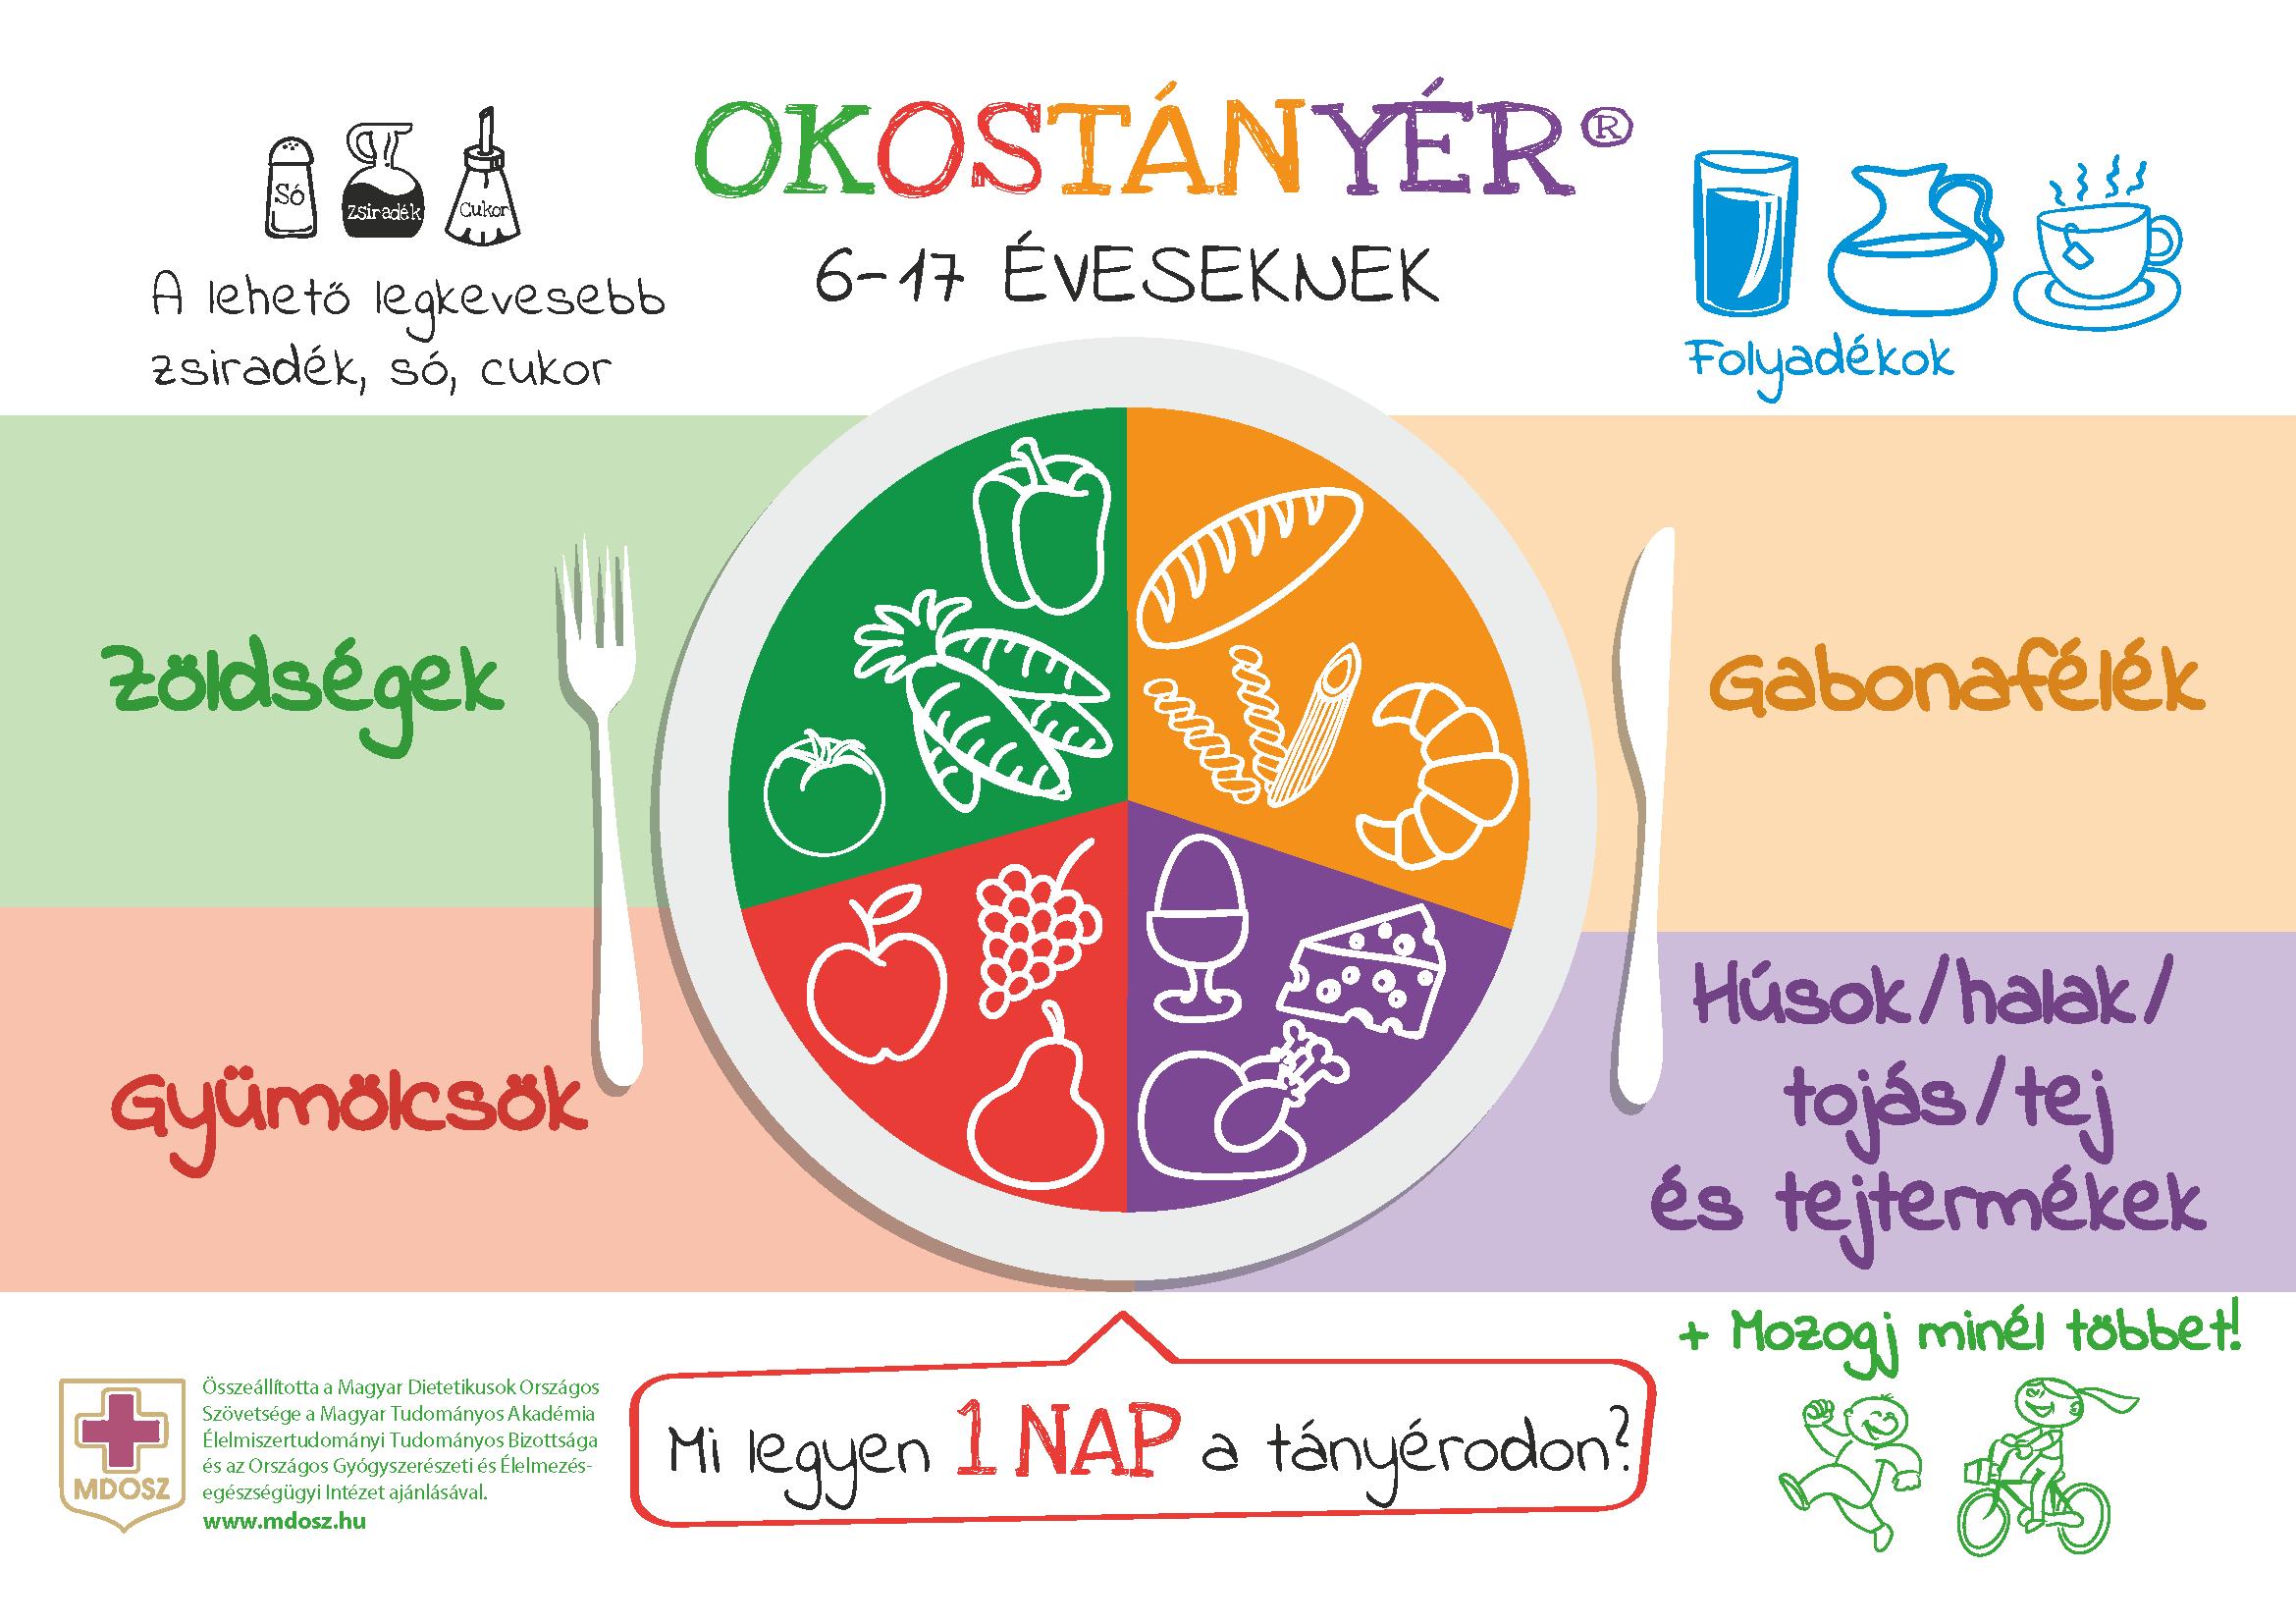 ajánlások a kiegyensúlyozott és egészséges táplálkozáshoz